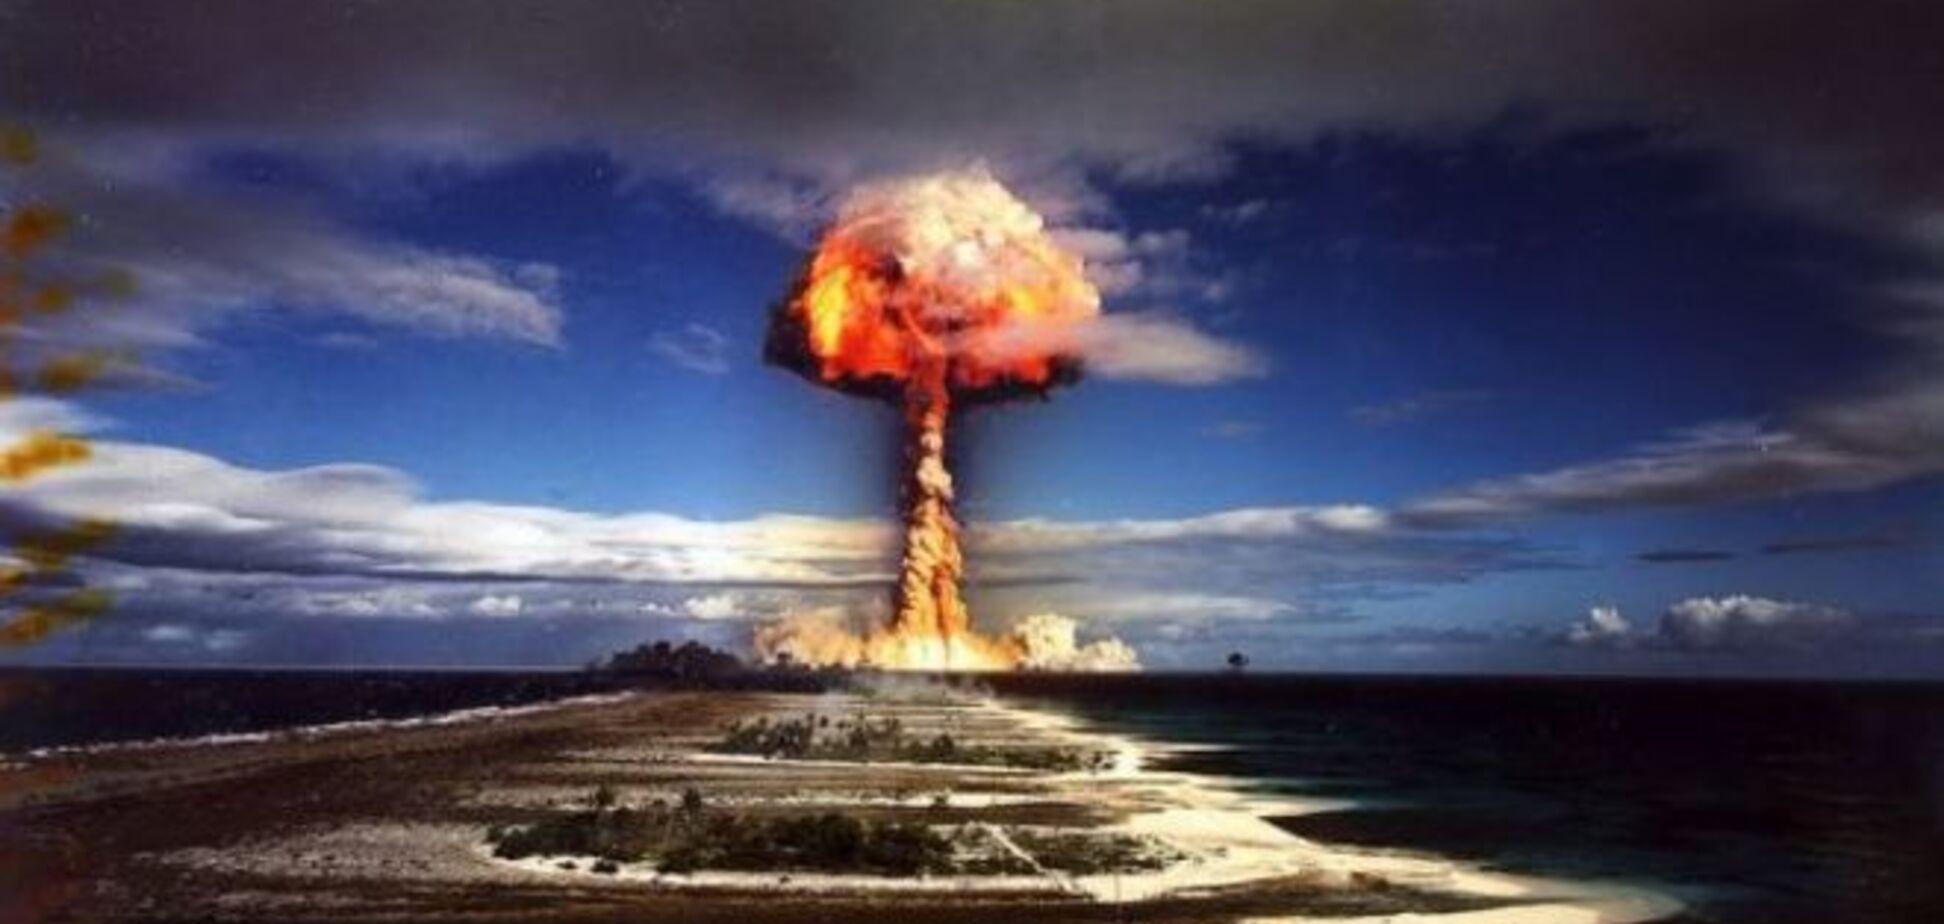 Турчинов рассказал, как остановить ядерное наступление Путина